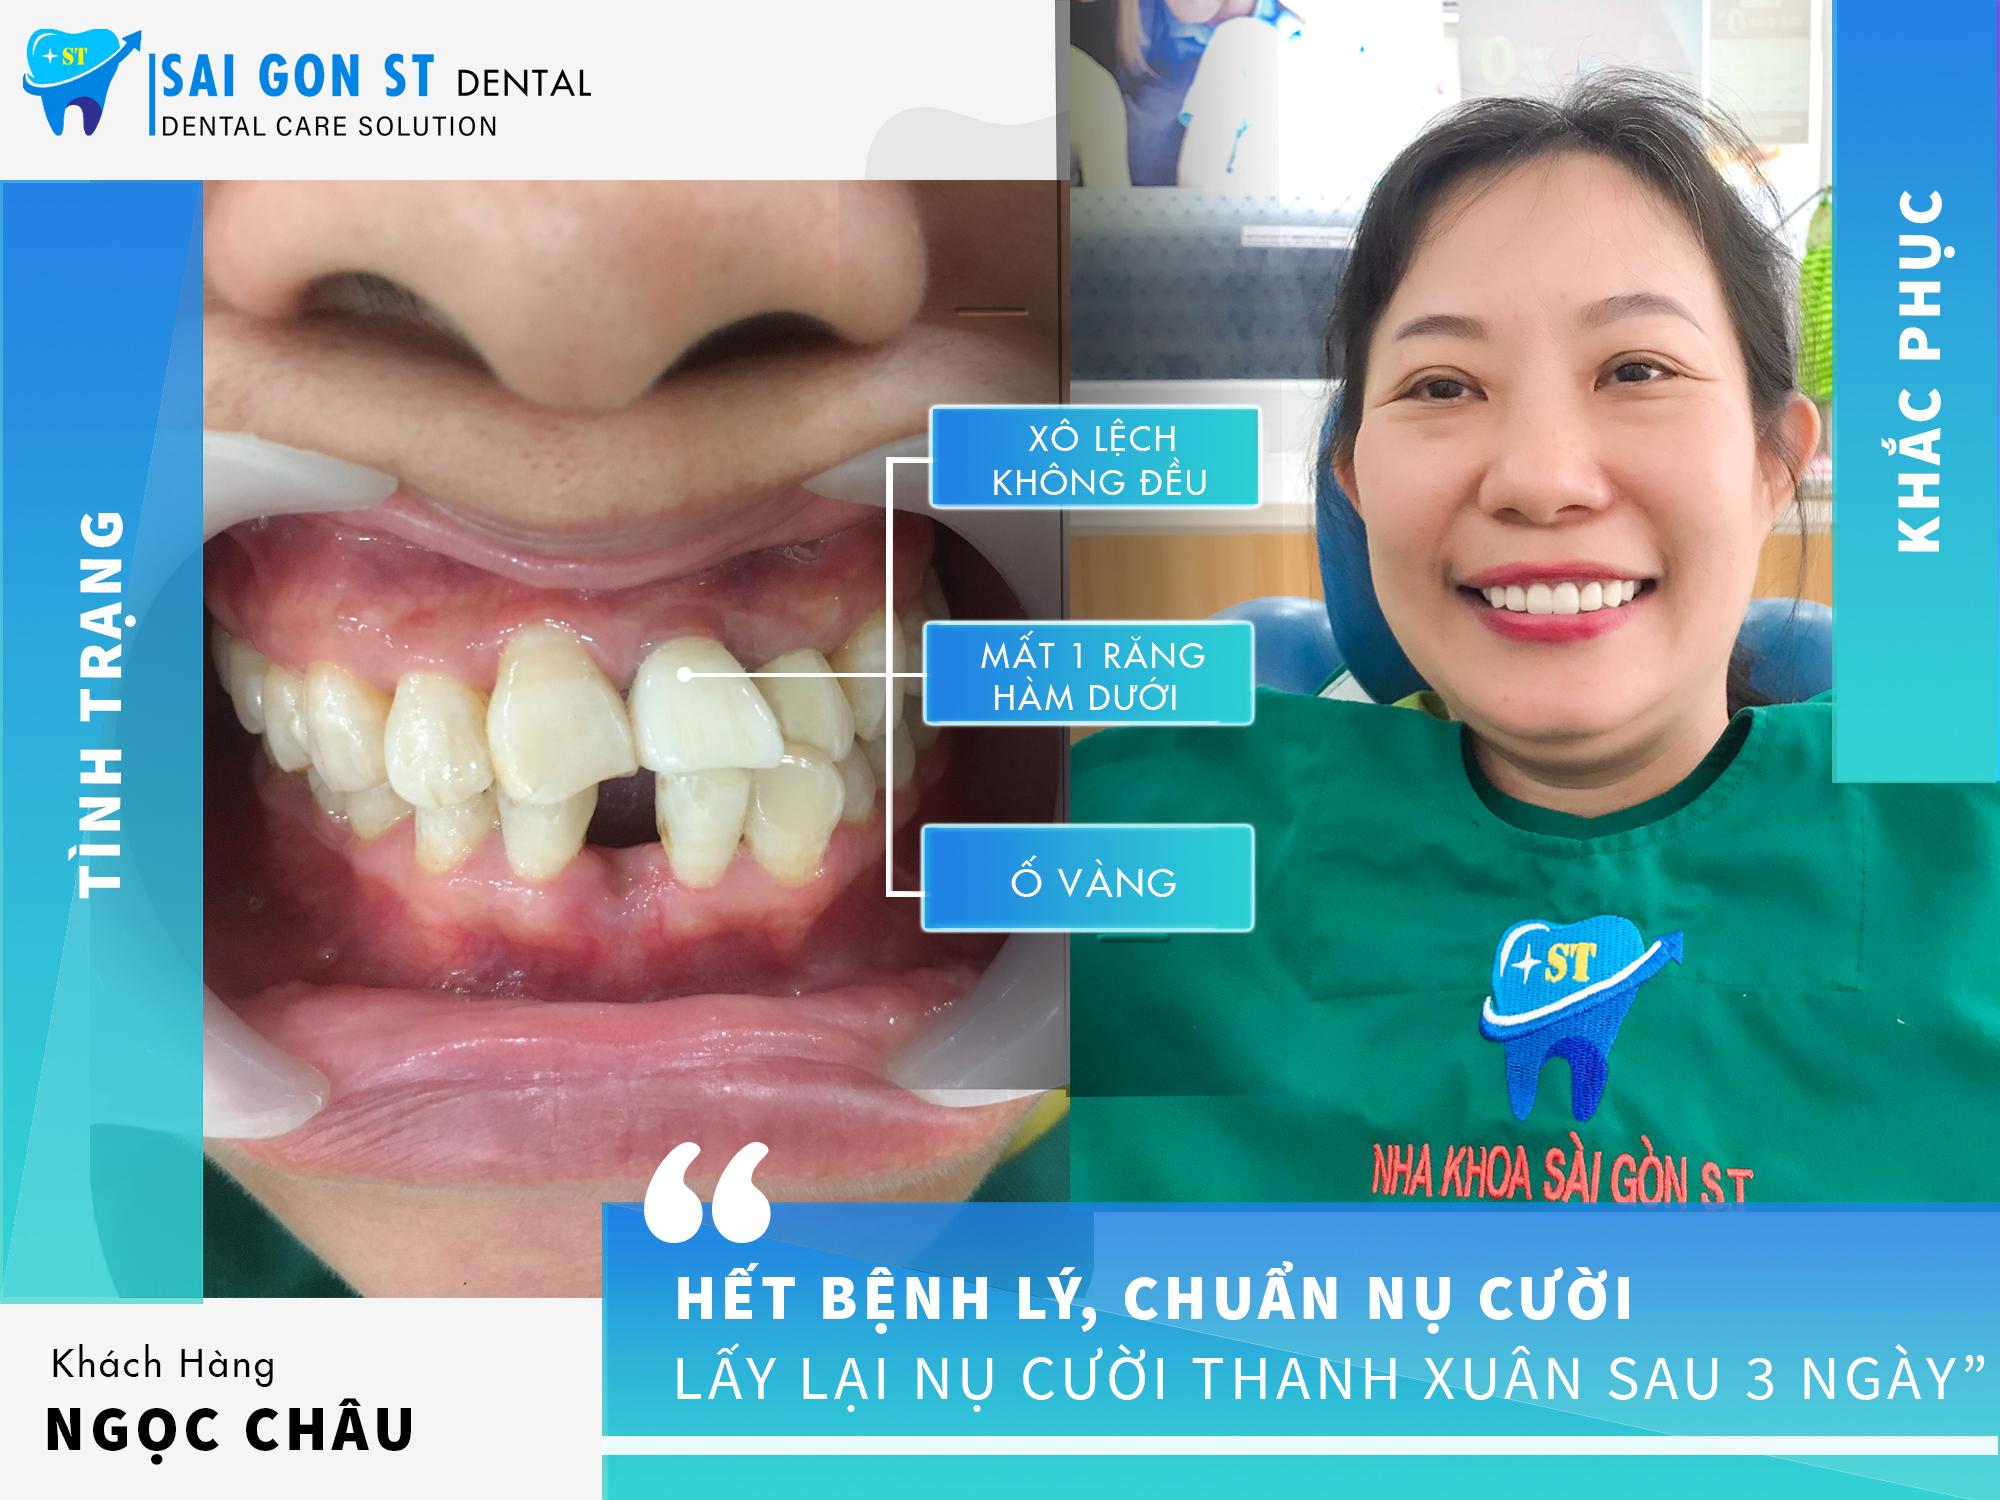 Trồng răng Implant - giải pháp tối ưu cho hàm răng bị mất